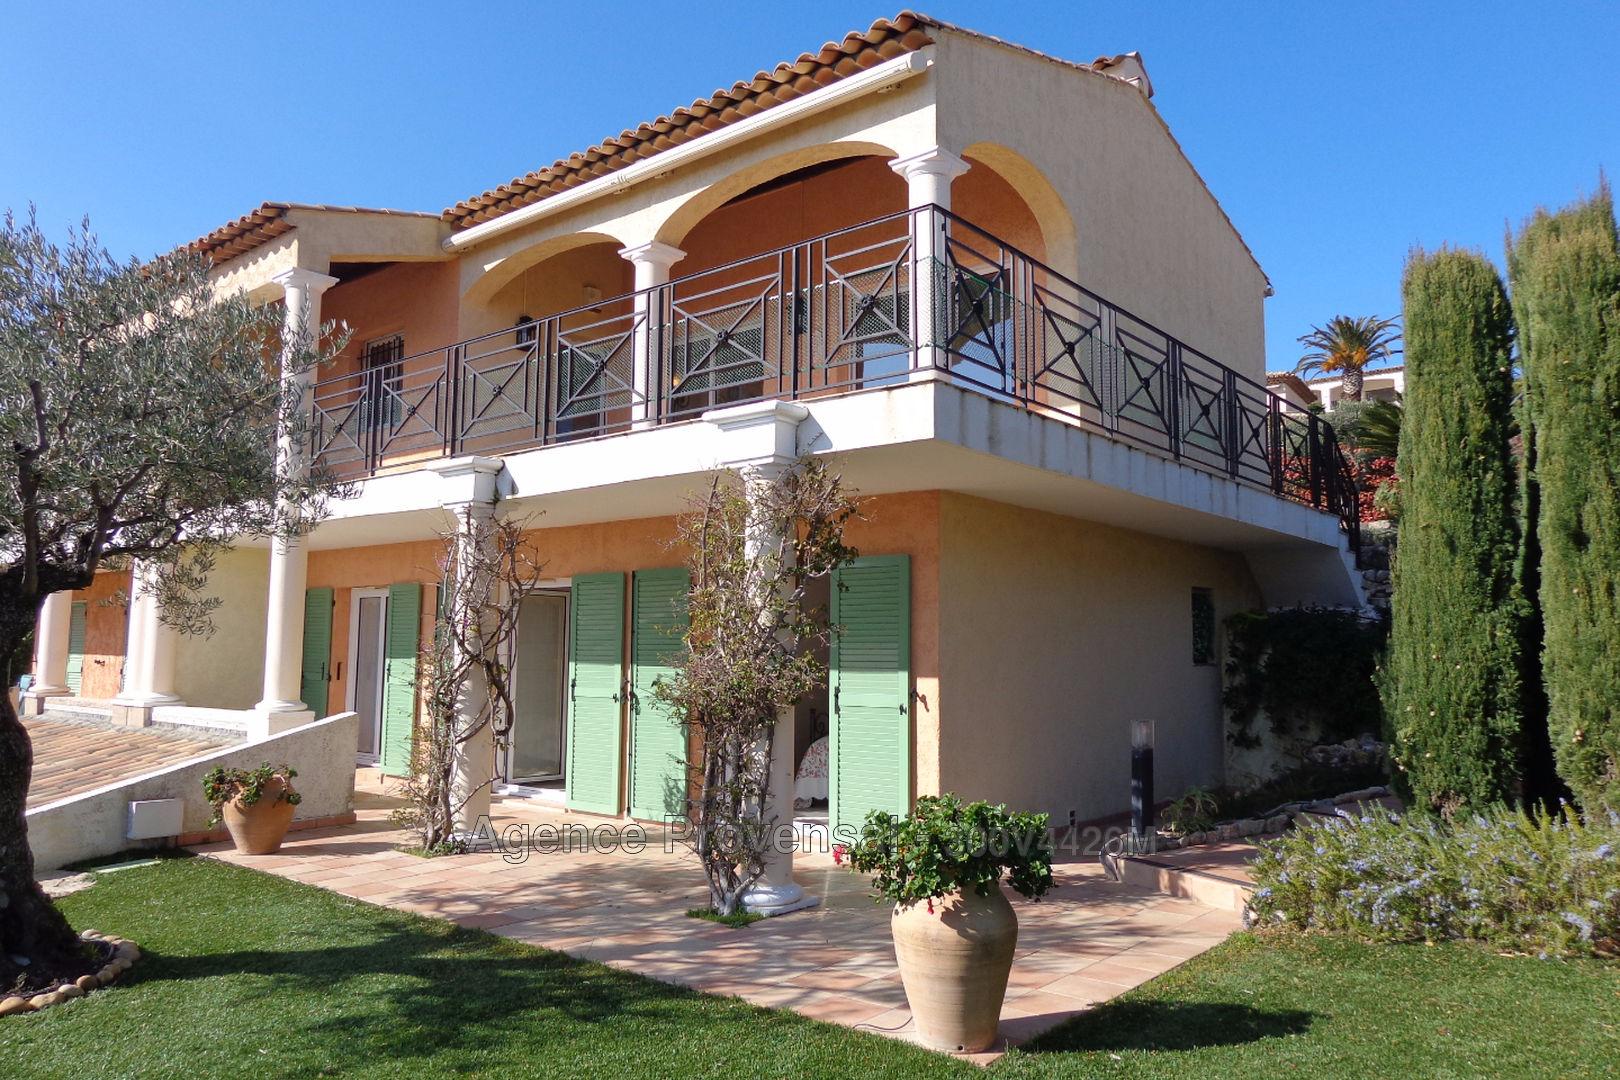 belle maison t4 avec vue sur mer a vendre dans domaine avec piscine a ste maxime agence provensal. Black Bedroom Furniture Sets. Home Design Ideas